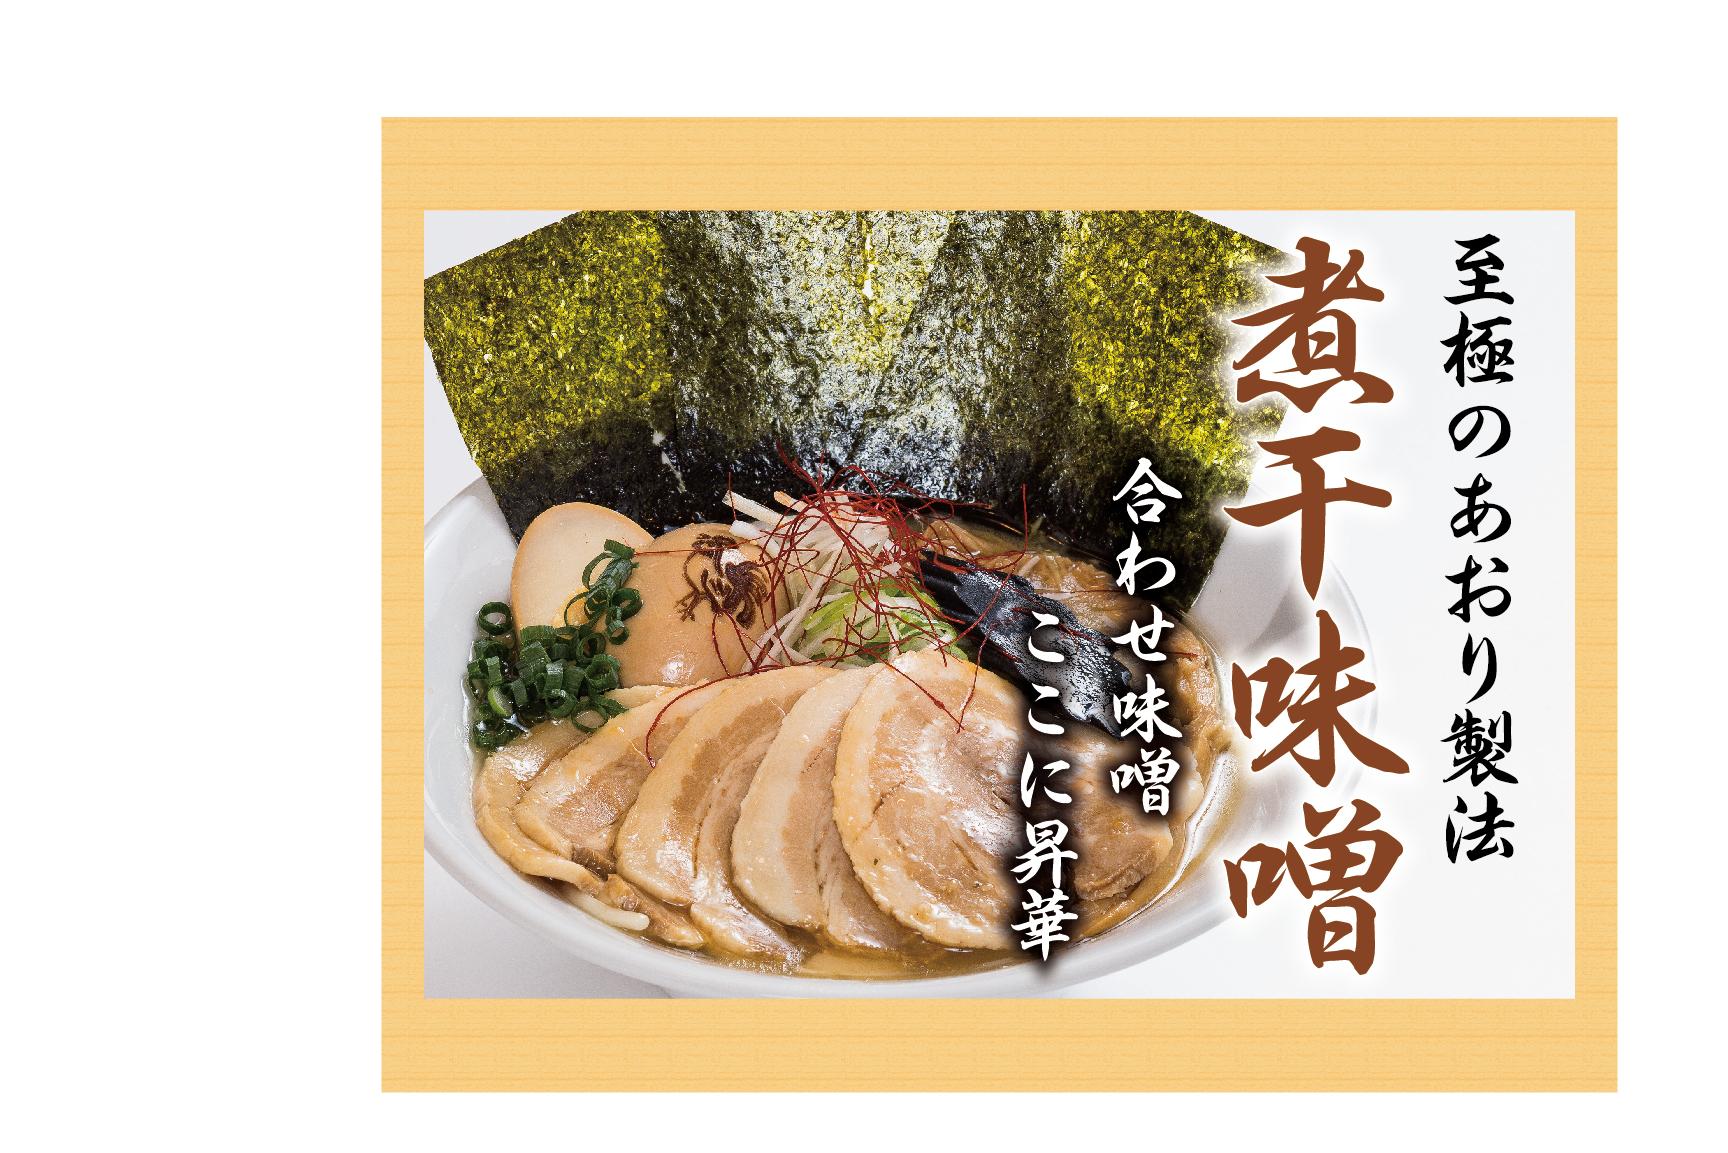 煮干の旨味とあおり製法味噌は当店人気メニュー